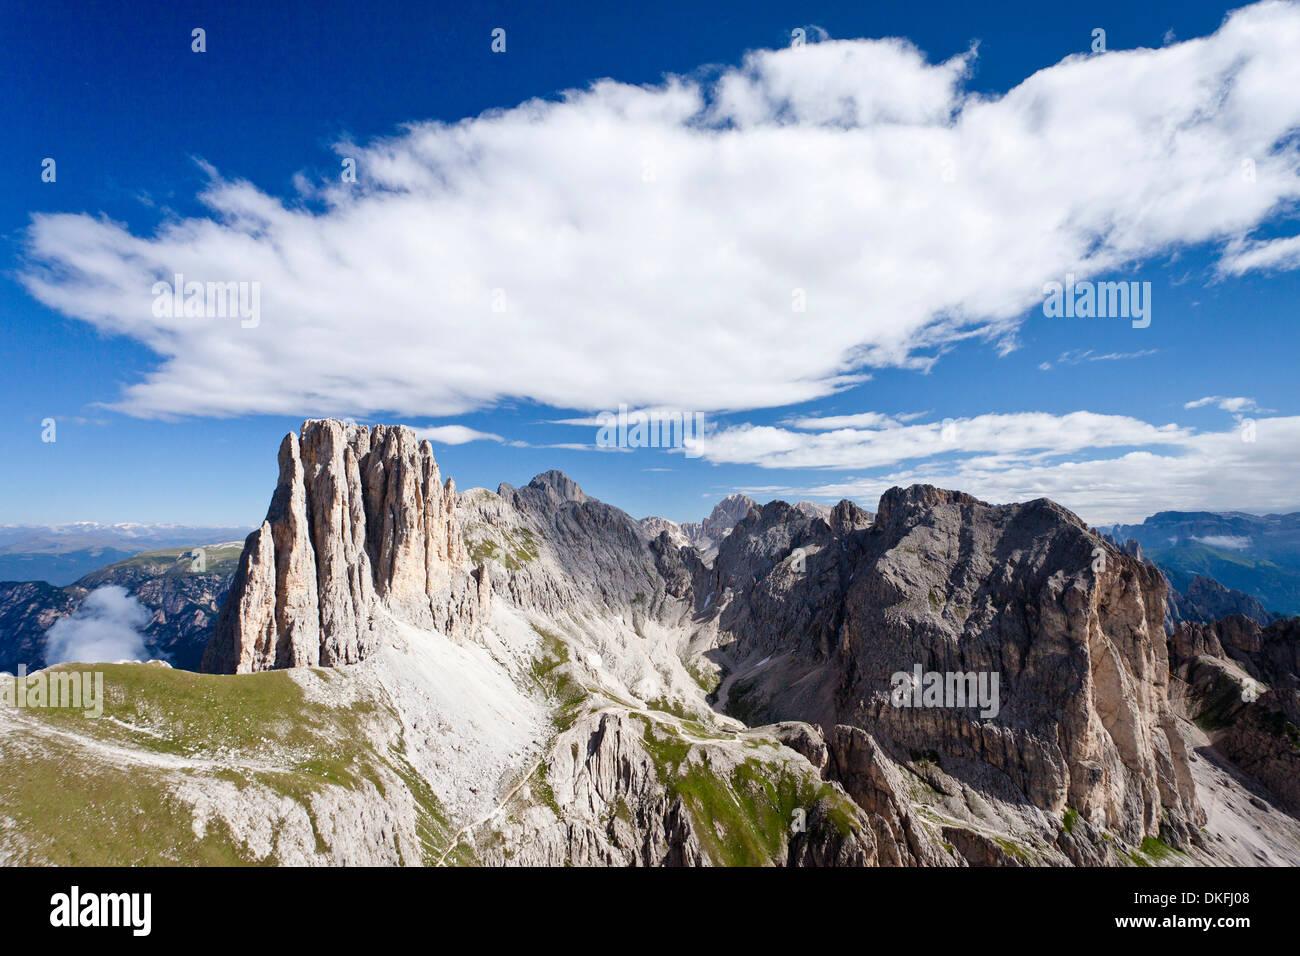 Klettersteig Croda Dei Toni : Zeigen sie beim aufstieg croda rossa oder sextener rotwand im